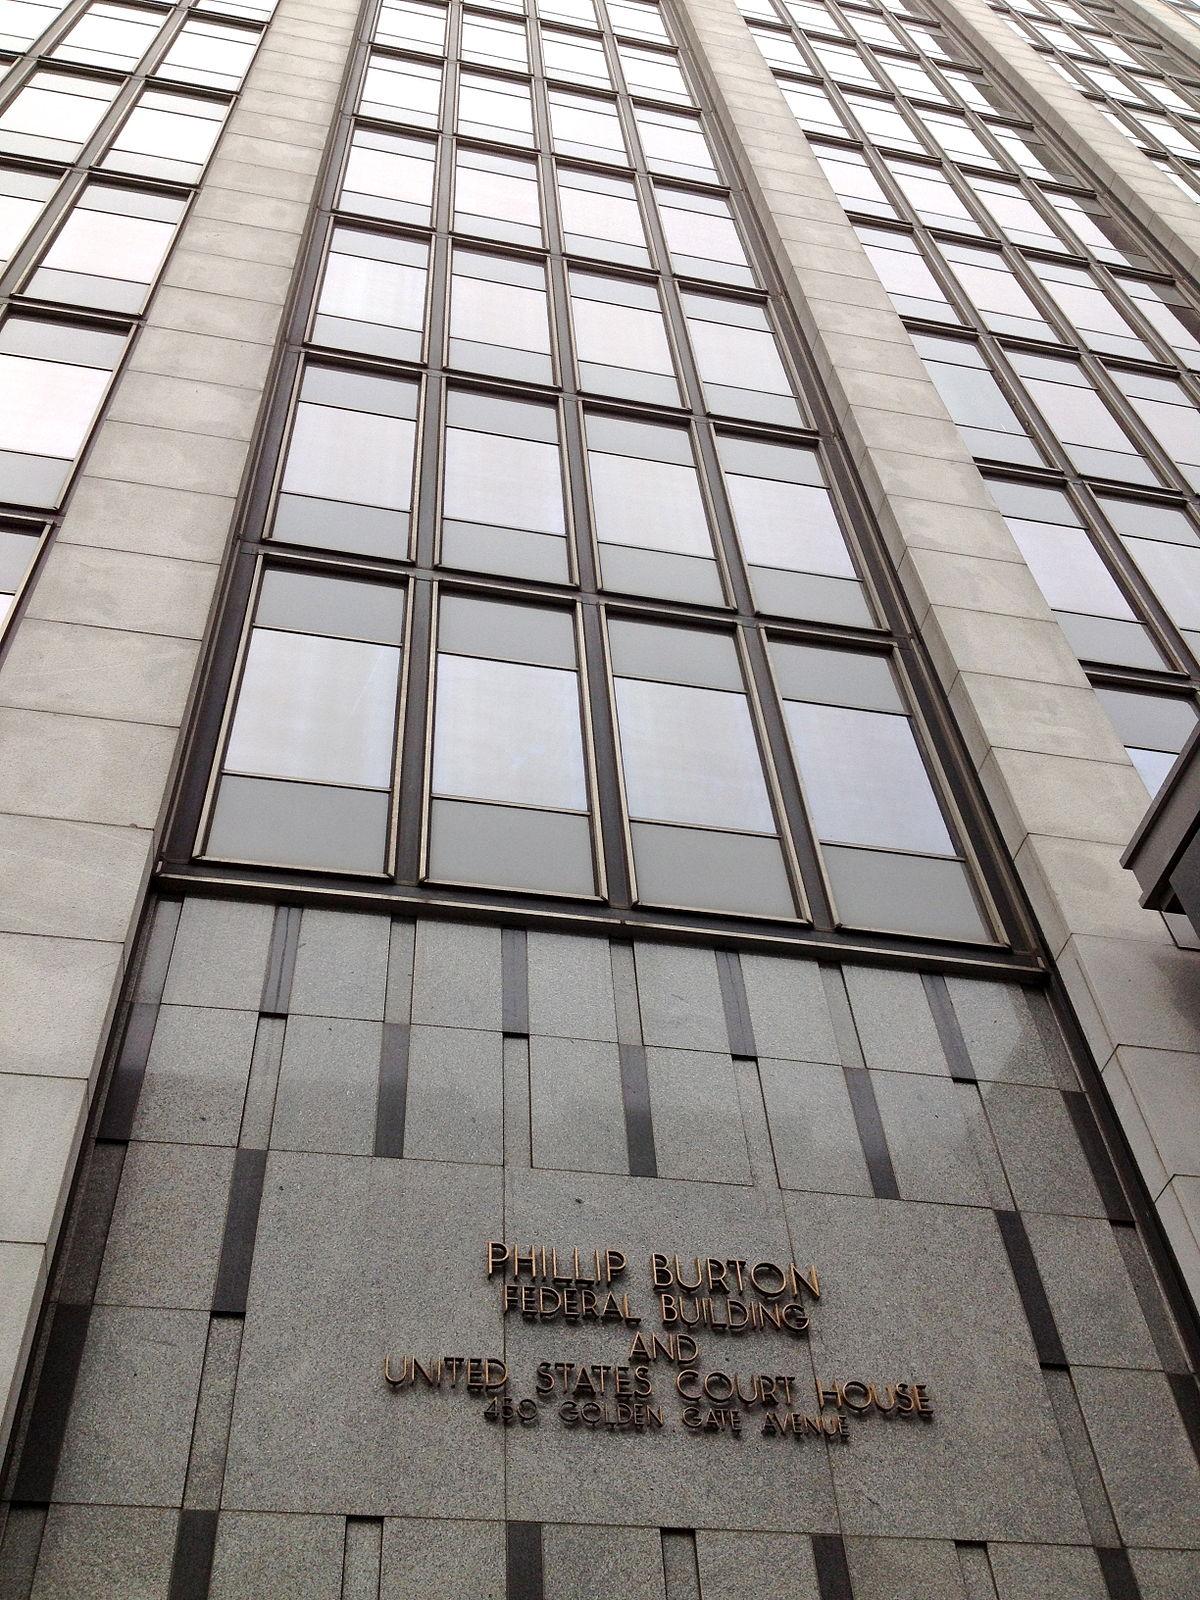 Phillip Burton Federal Building Wikipedia